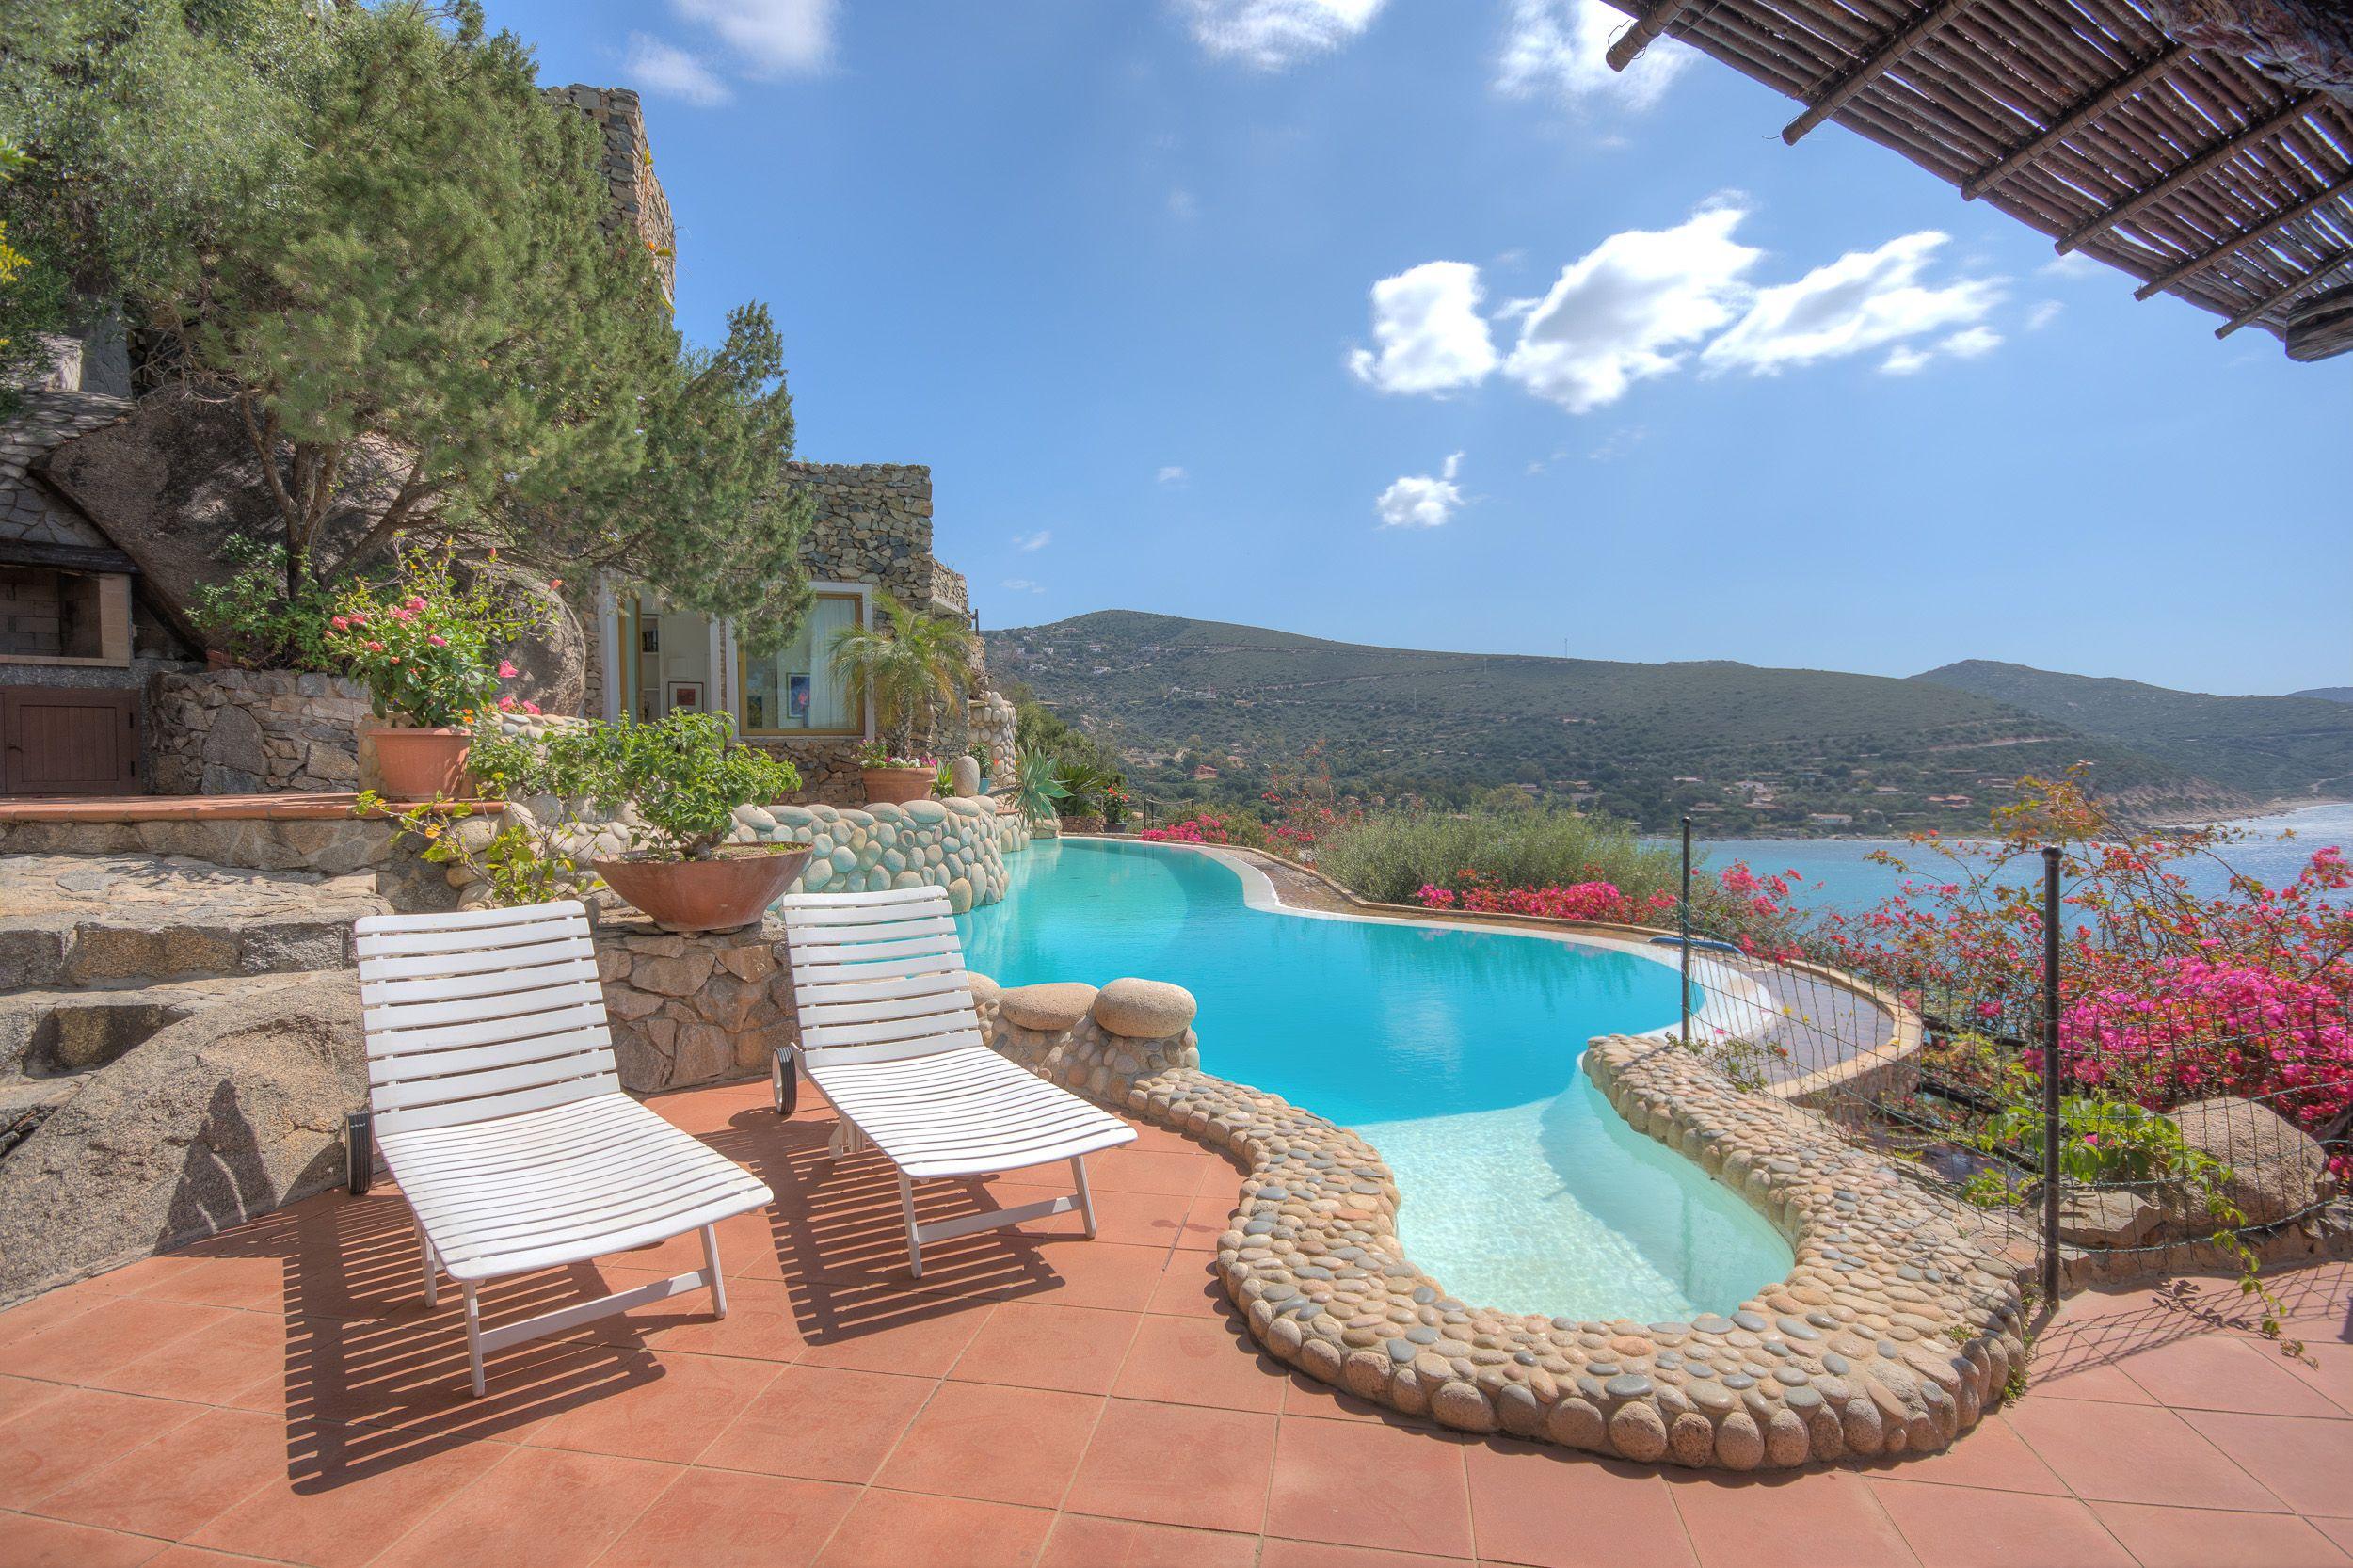 Très belle piscine avec vue mer dans cette incroyable